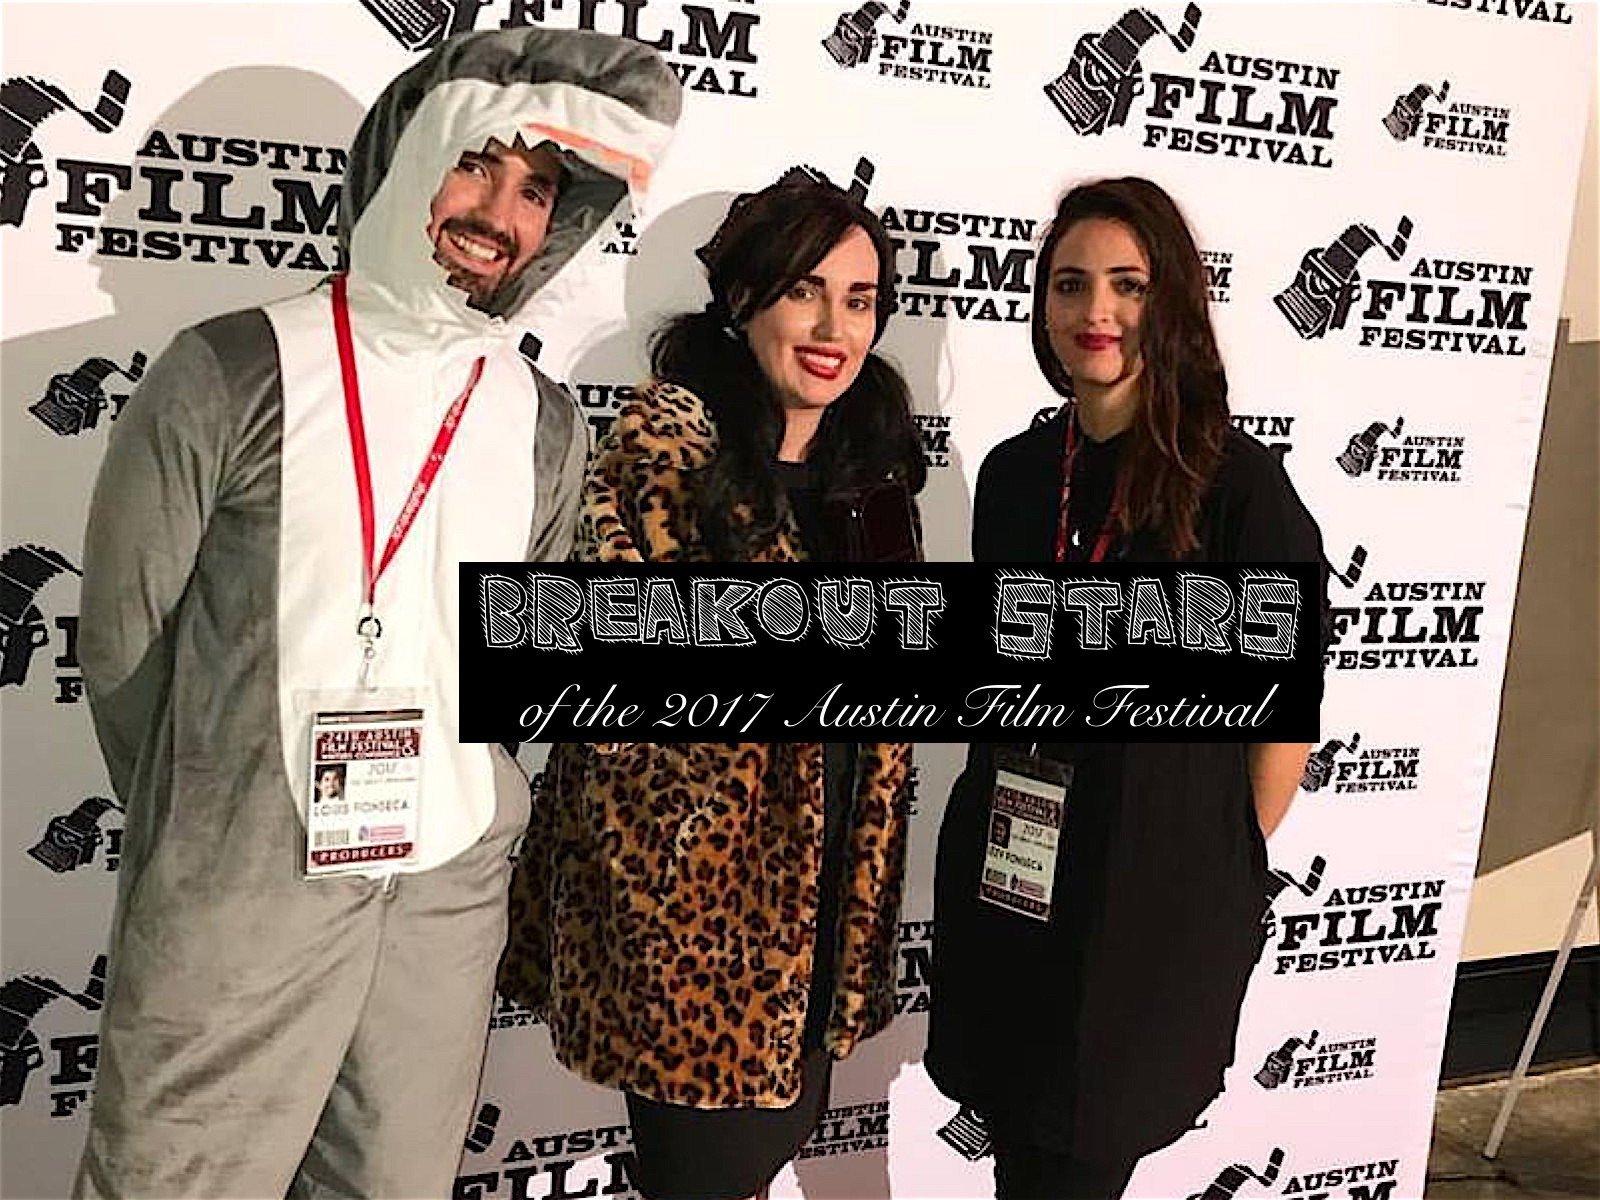 Breakout Stars of the 2017 Austin Film Festival